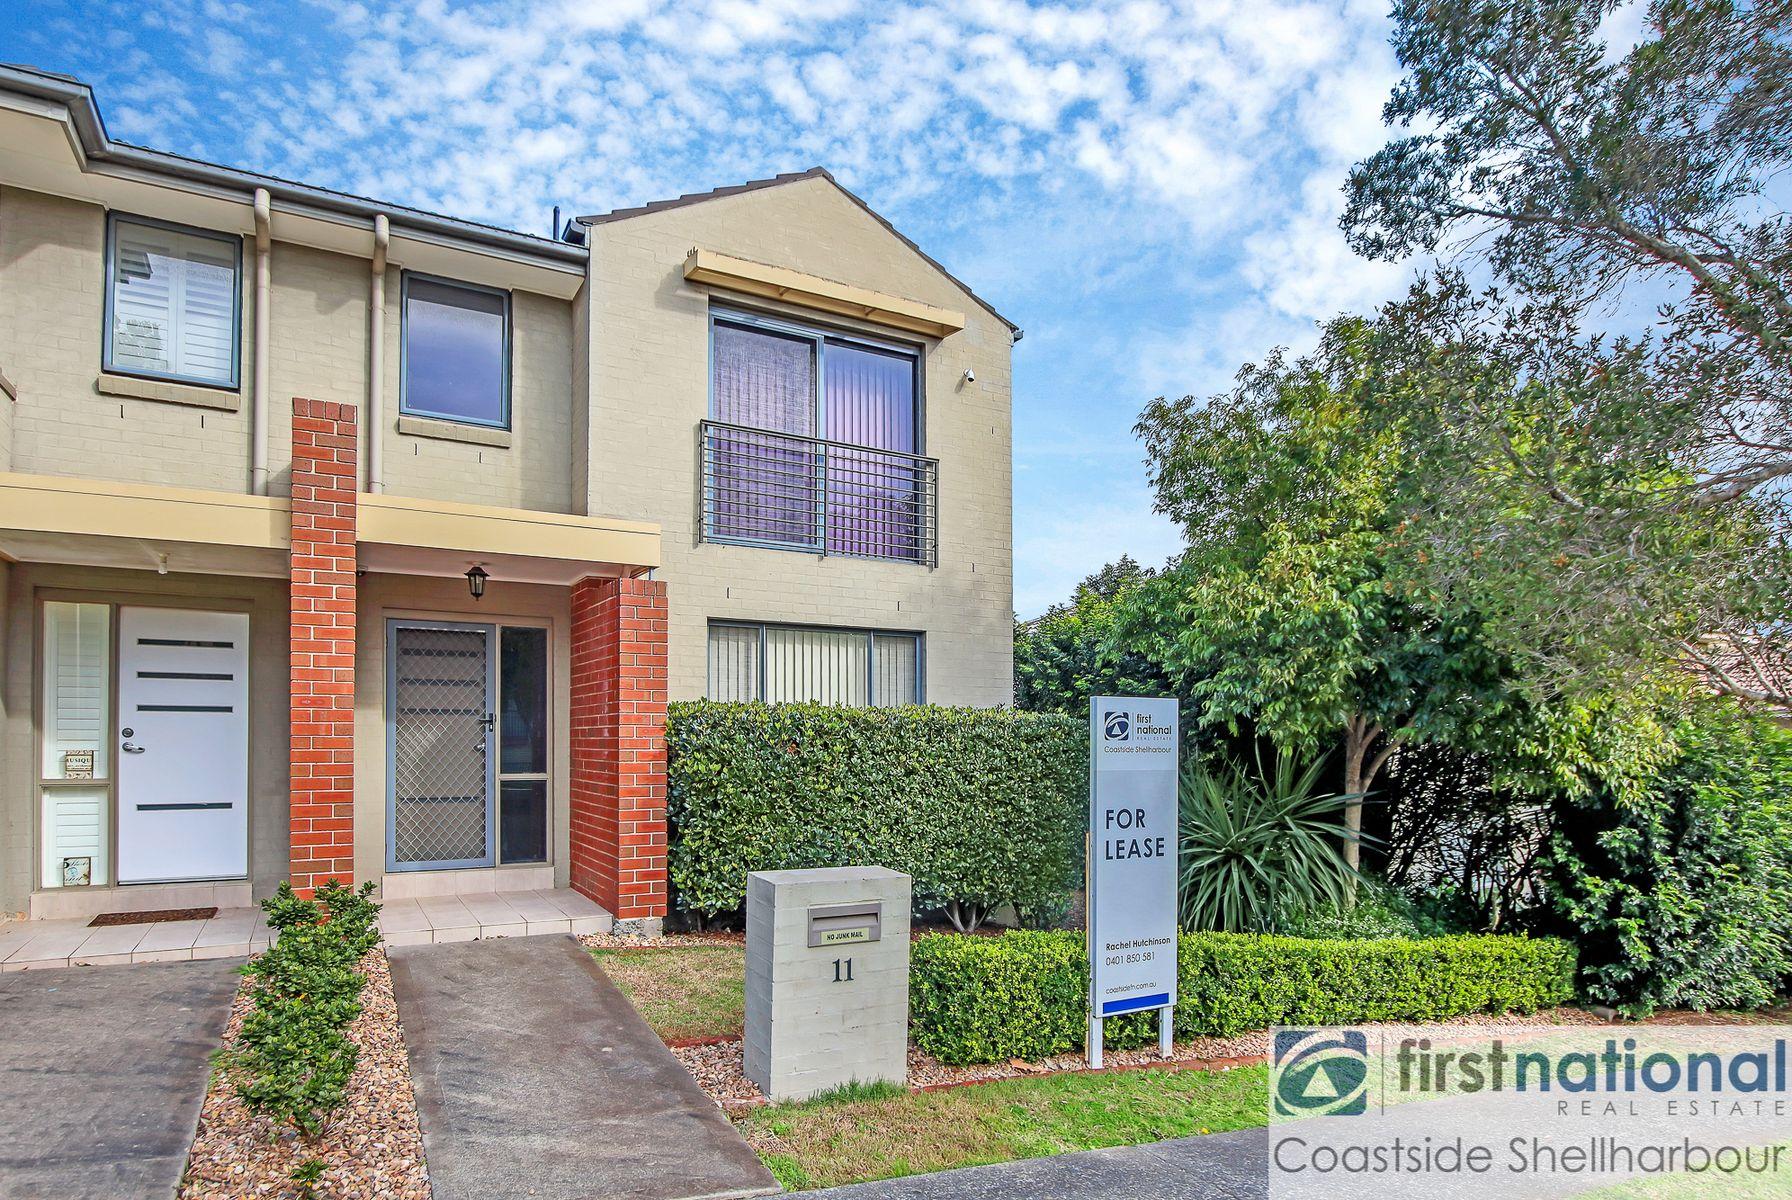 11 Lakewood Boulevard, Flinders, NSW 2529